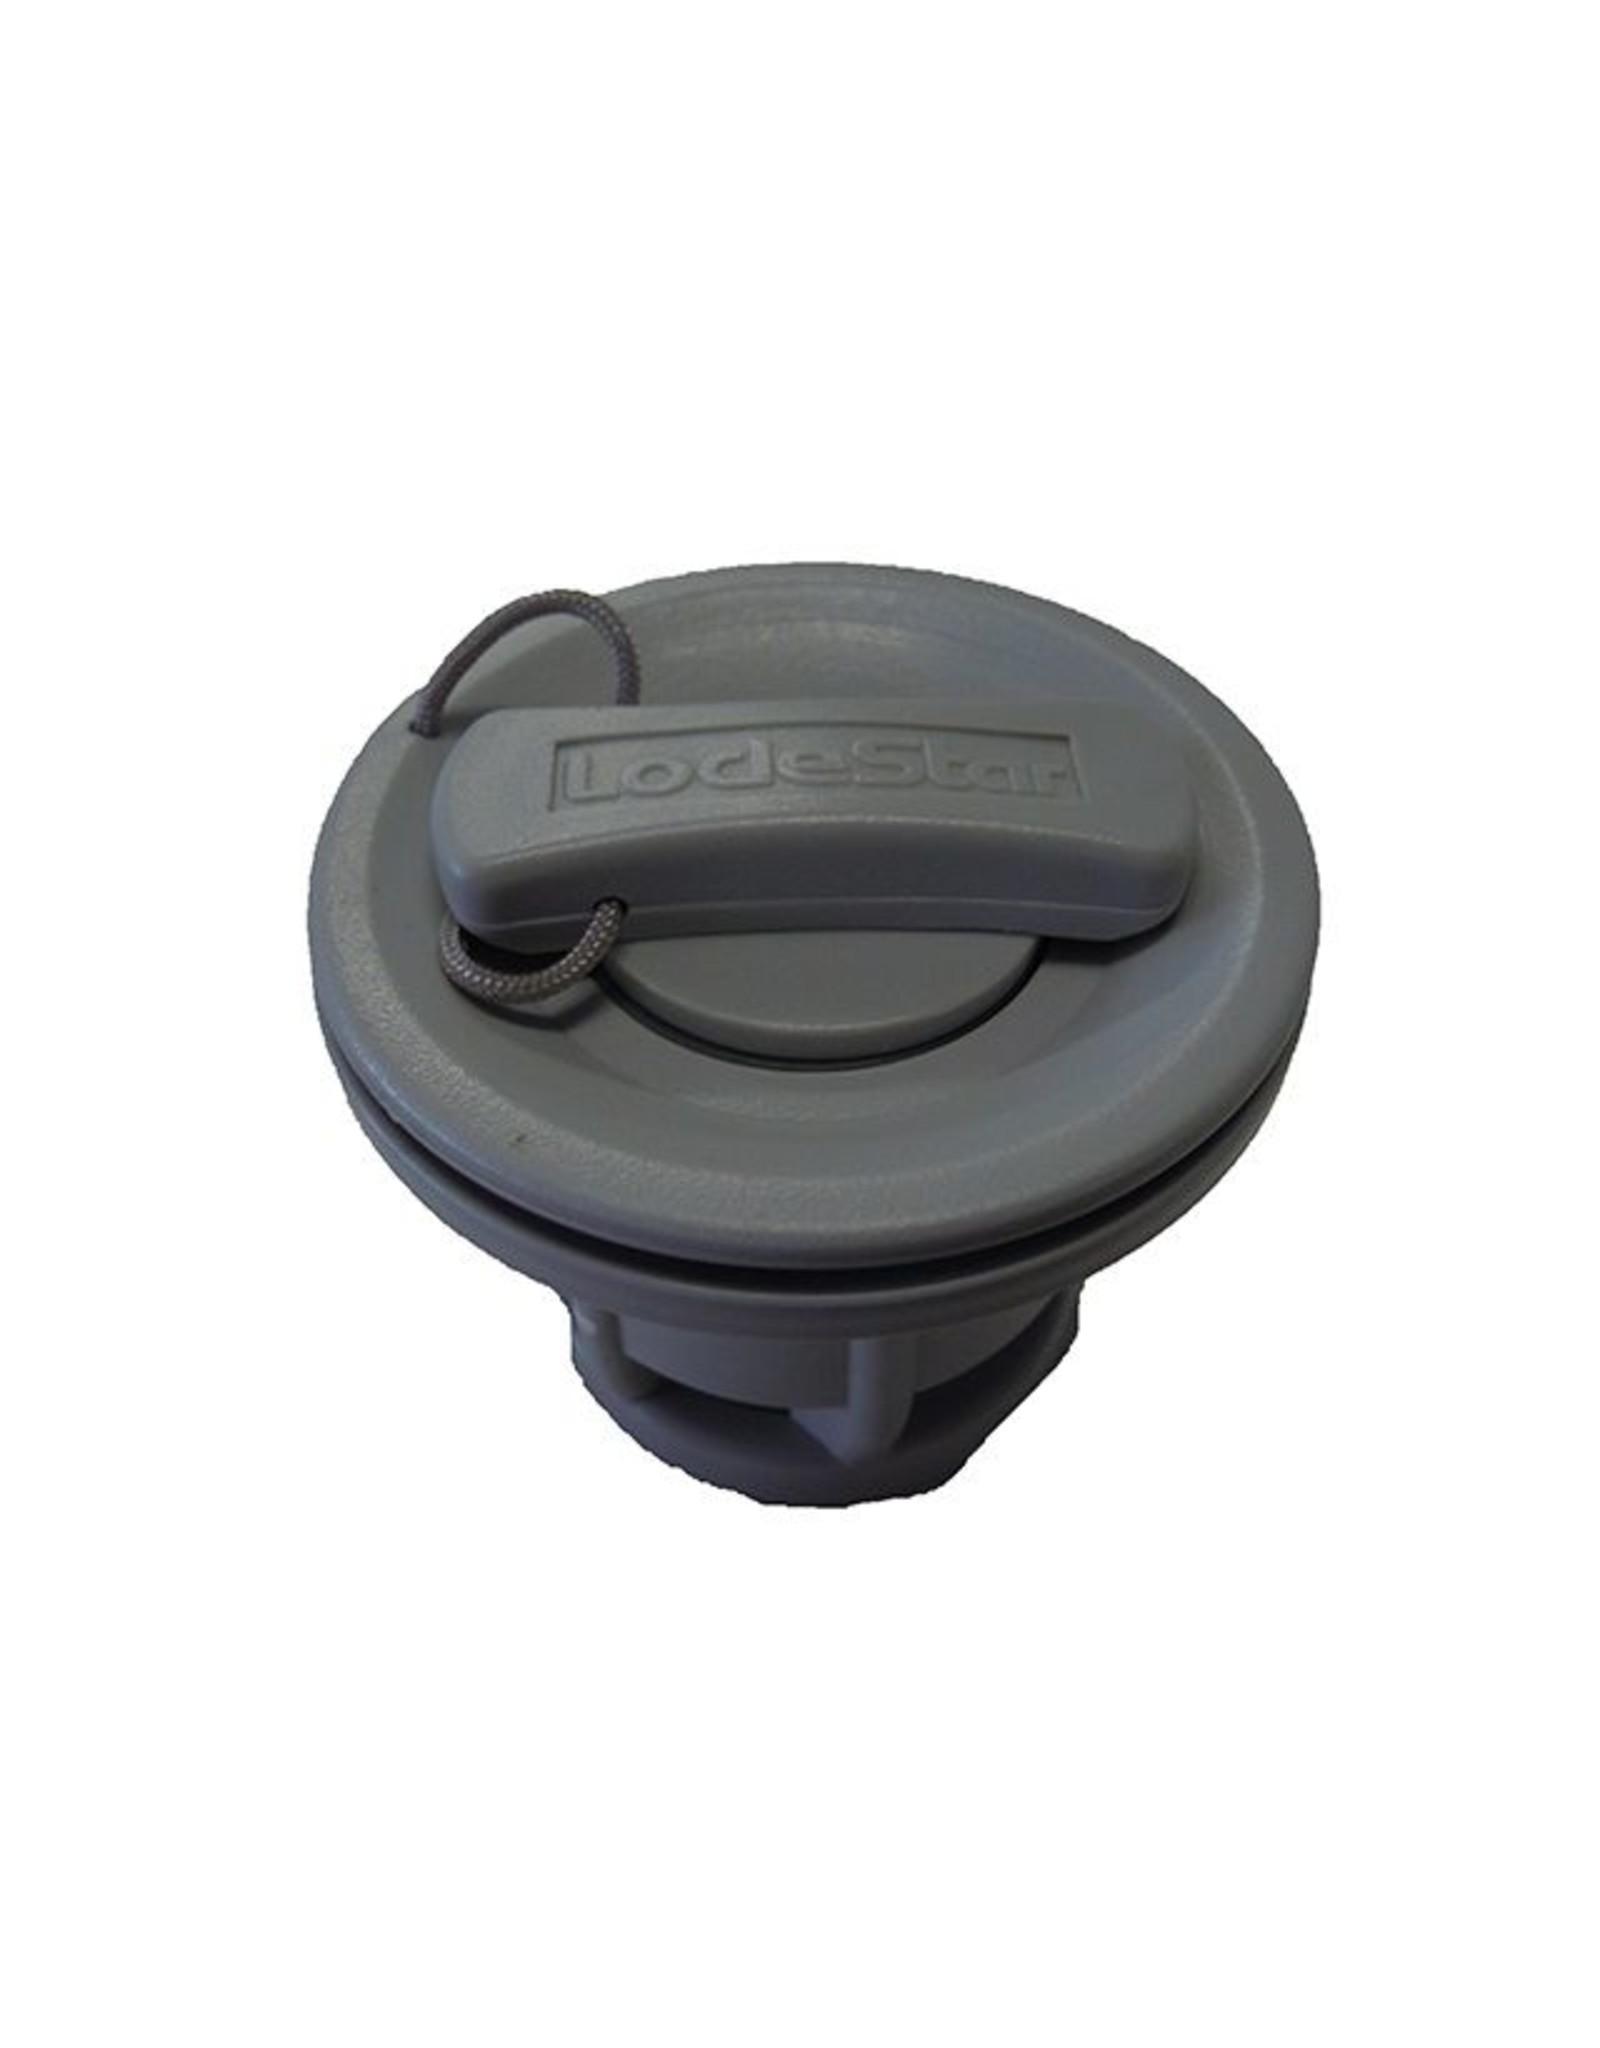 Hebor Watersport Lodestar ventiel (HR)